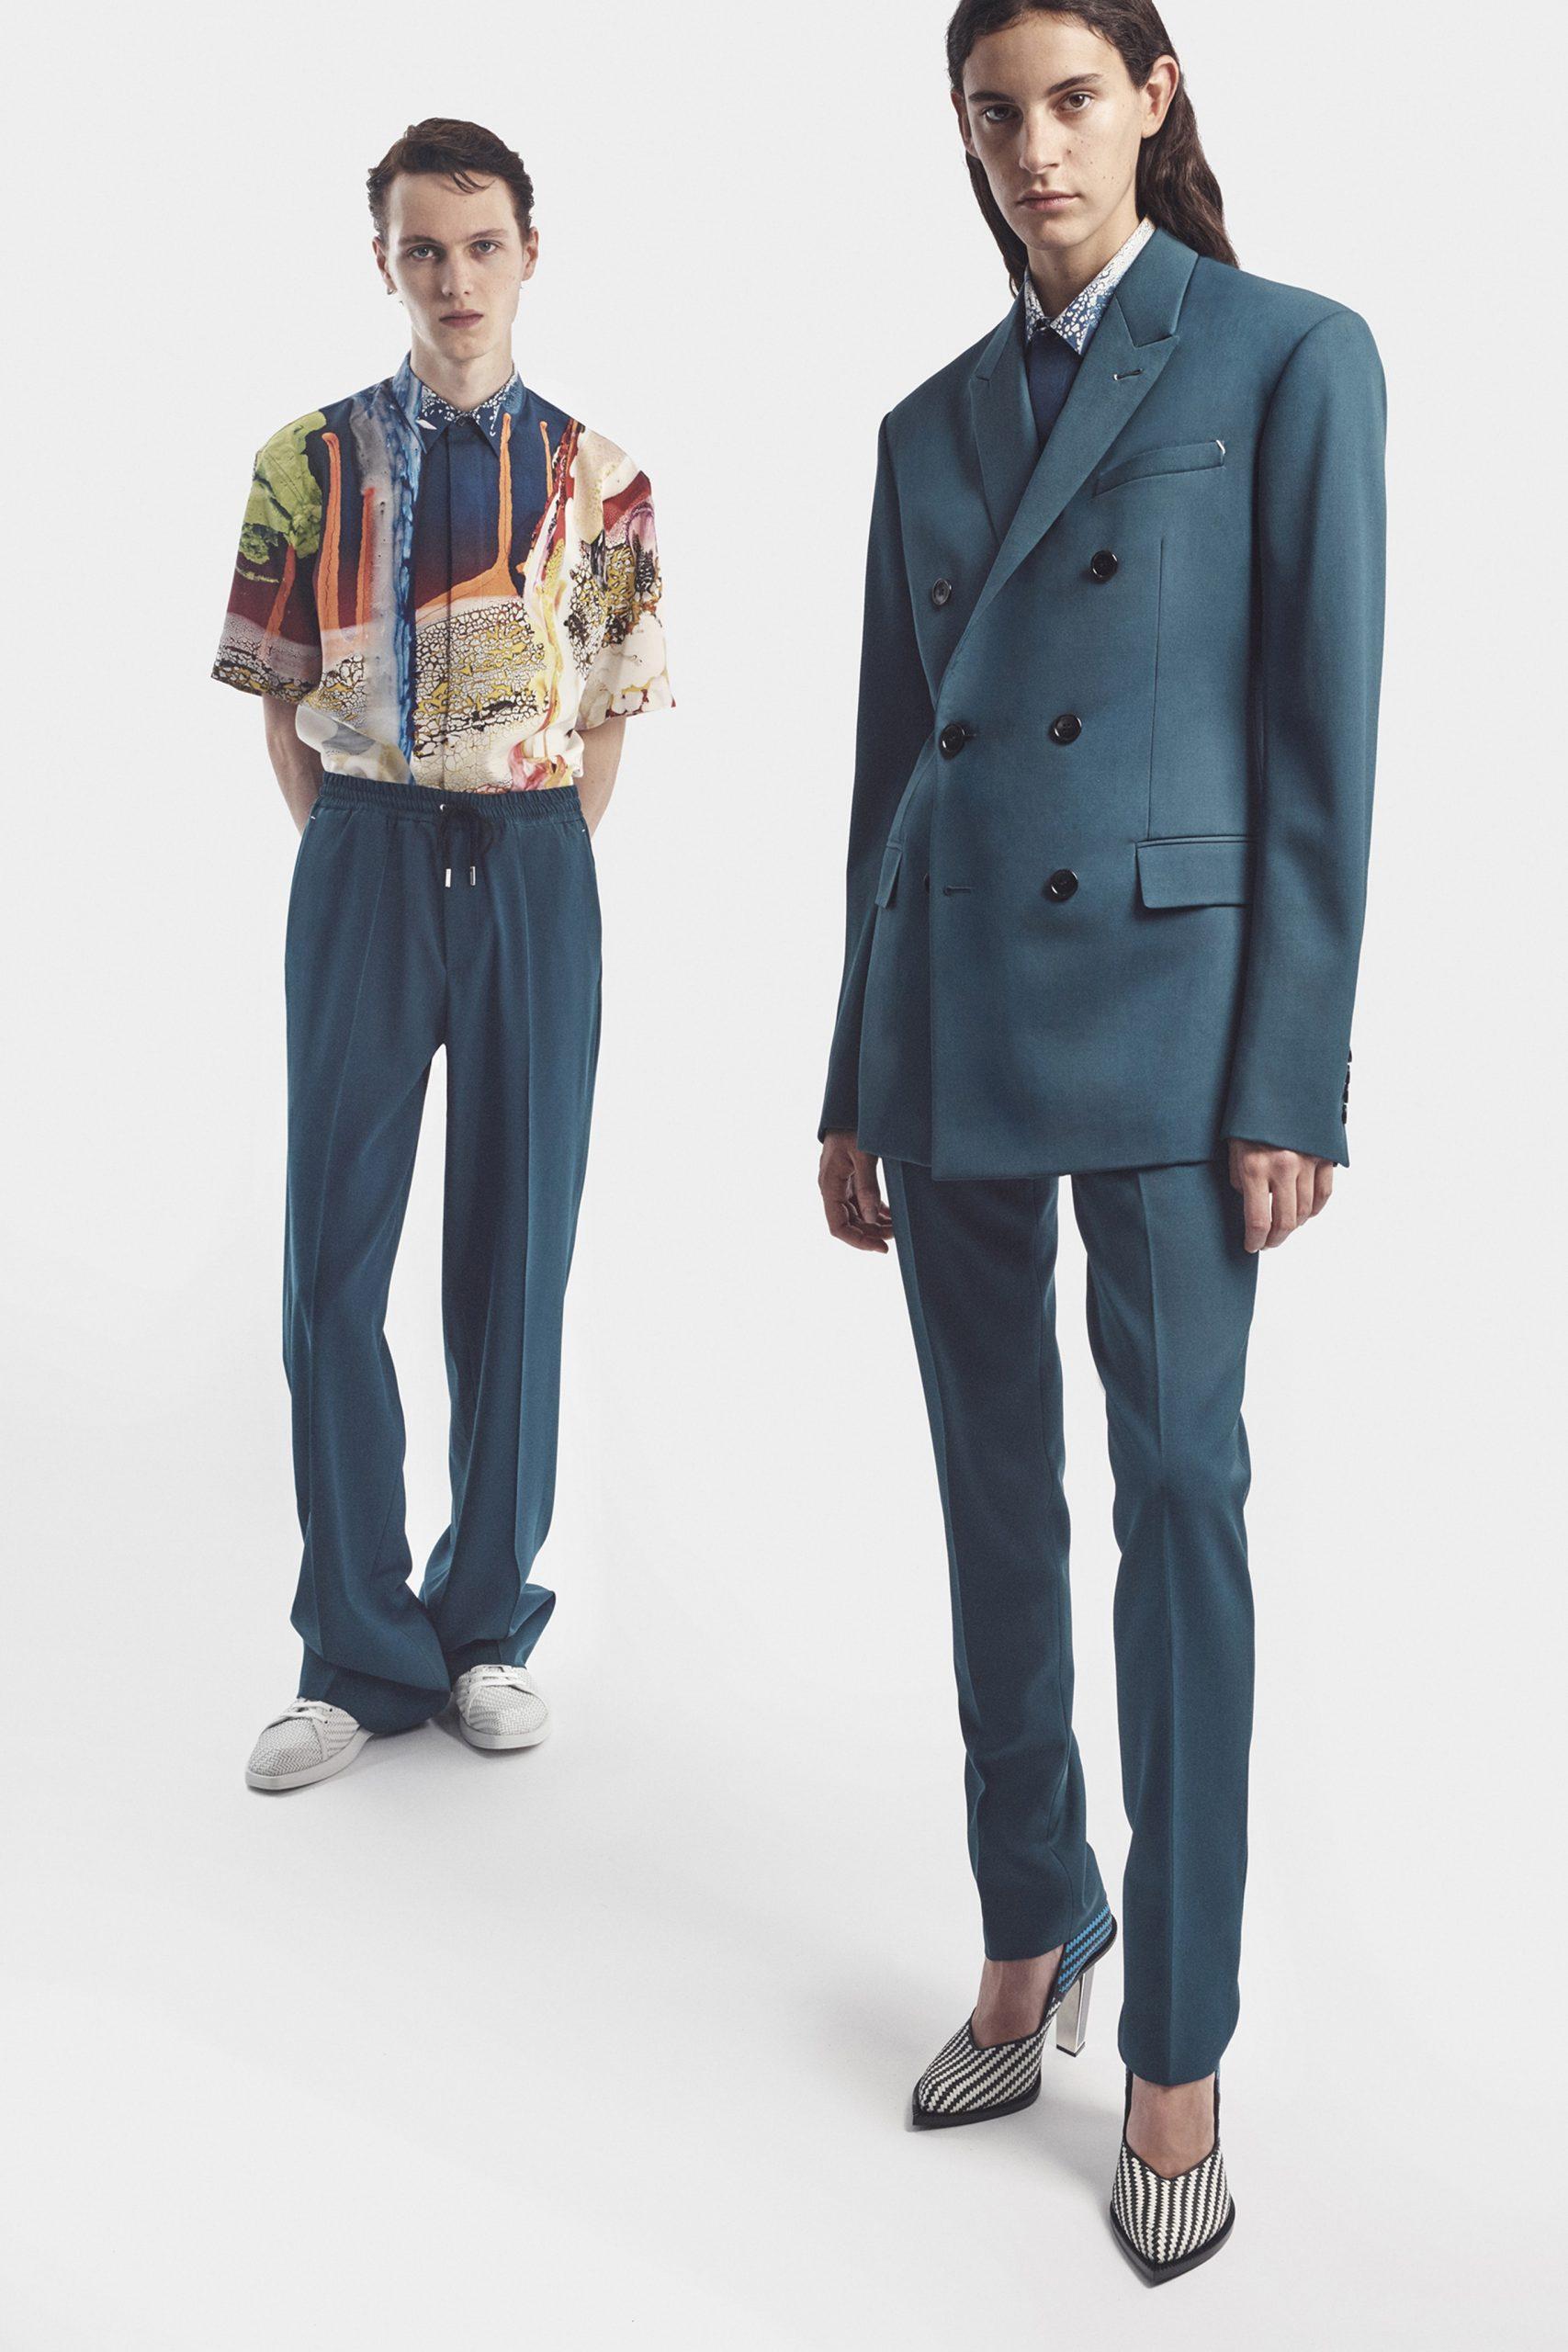 Berluti Spring 2021 Men's Fashion Show Photos